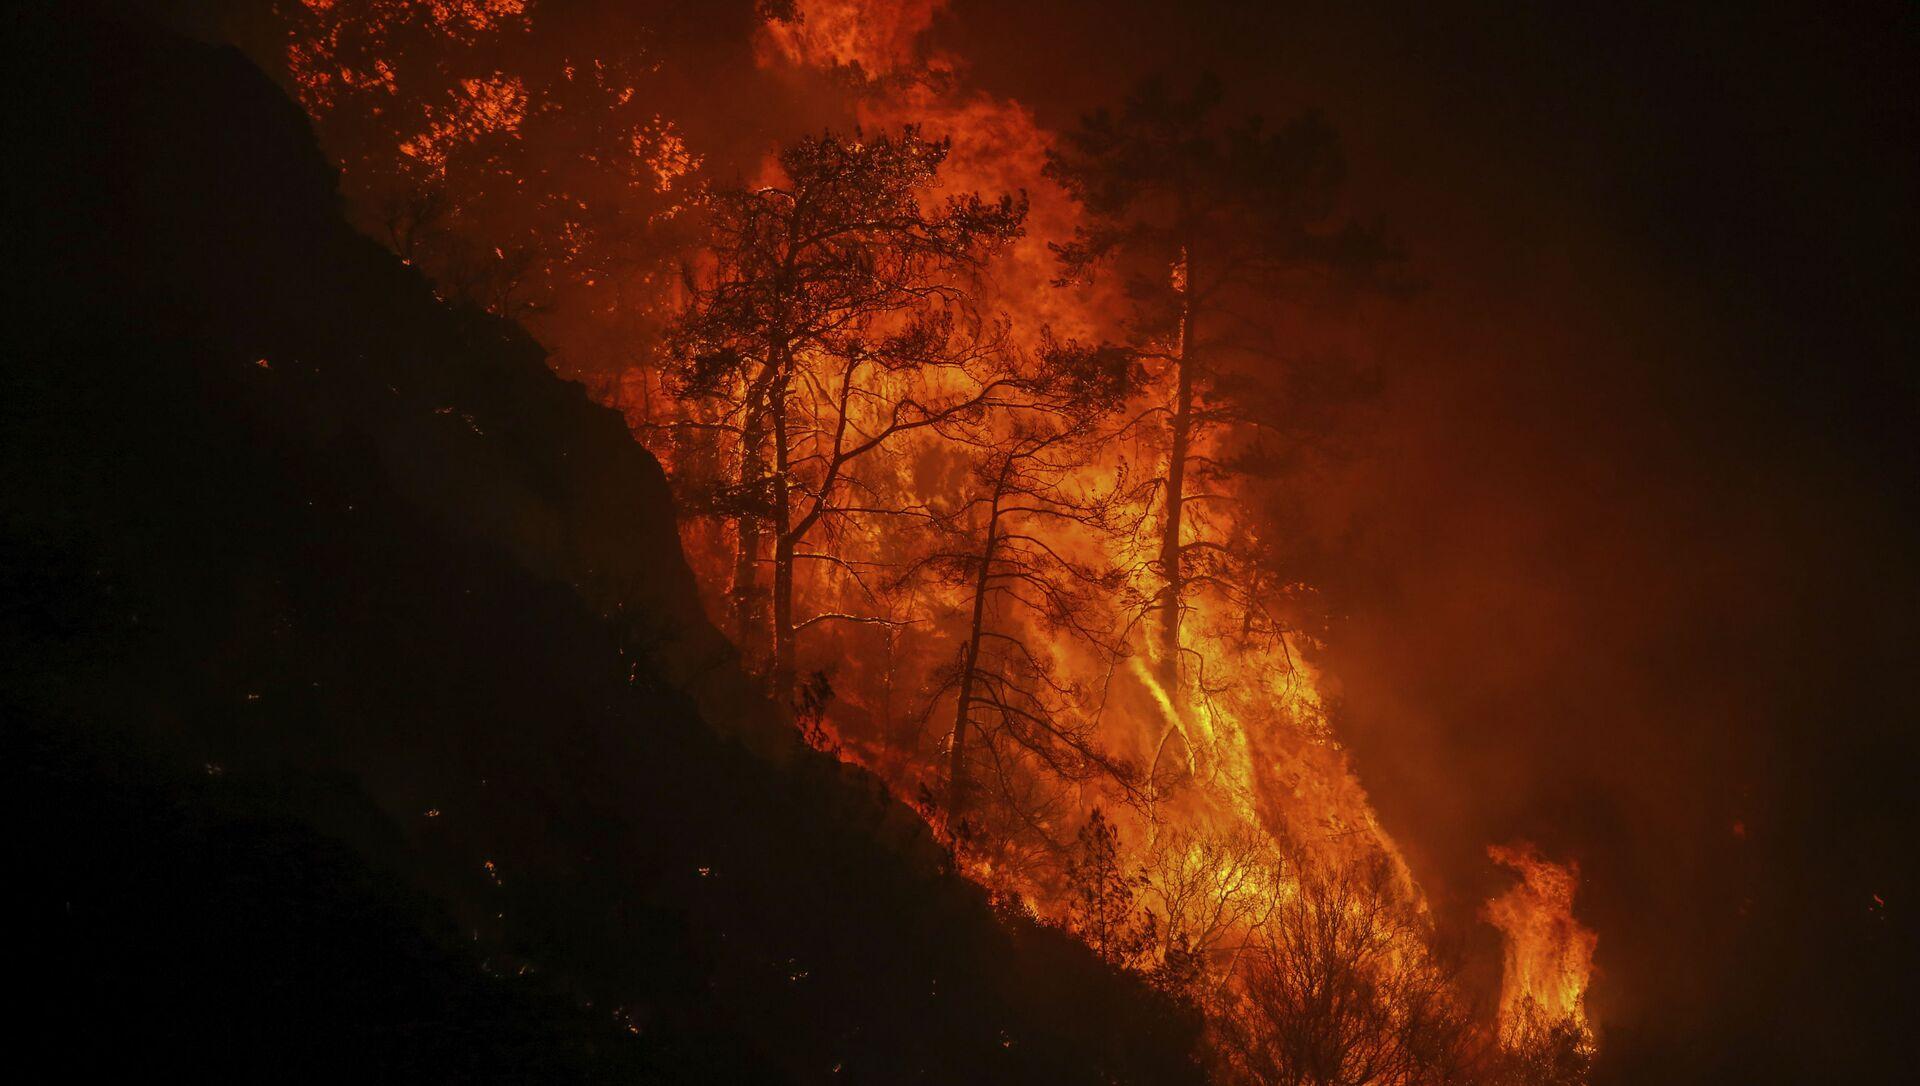 Лесной пожар в Турции, фото из архива - Sputnik Азербайджан, 1920, 09.08.2021